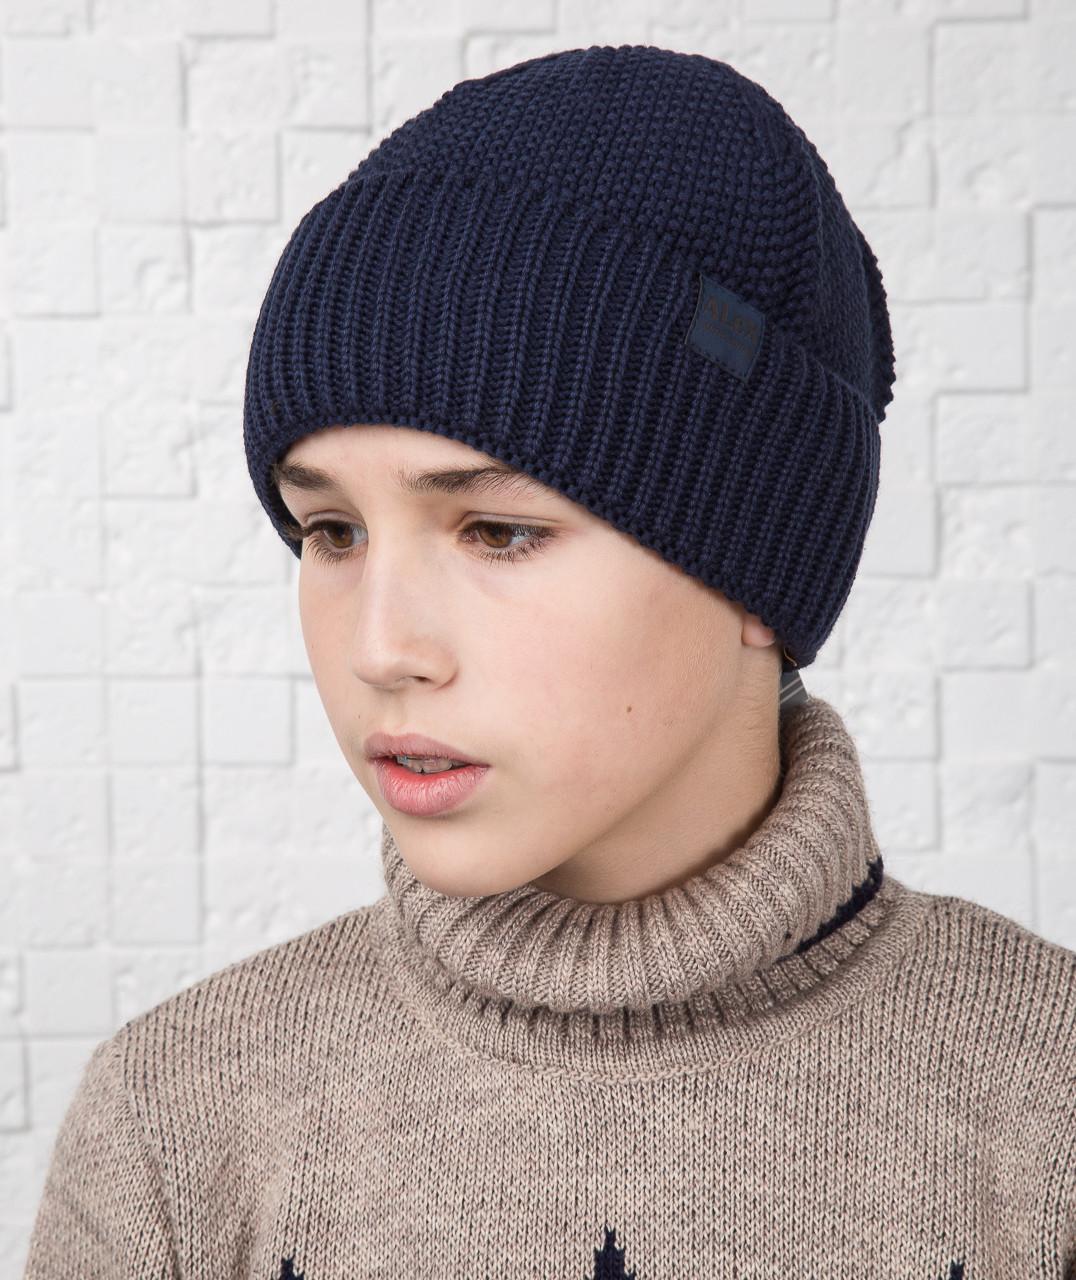 Шапка для мальчика подростка из вязки на флисе - Артикул AL17036